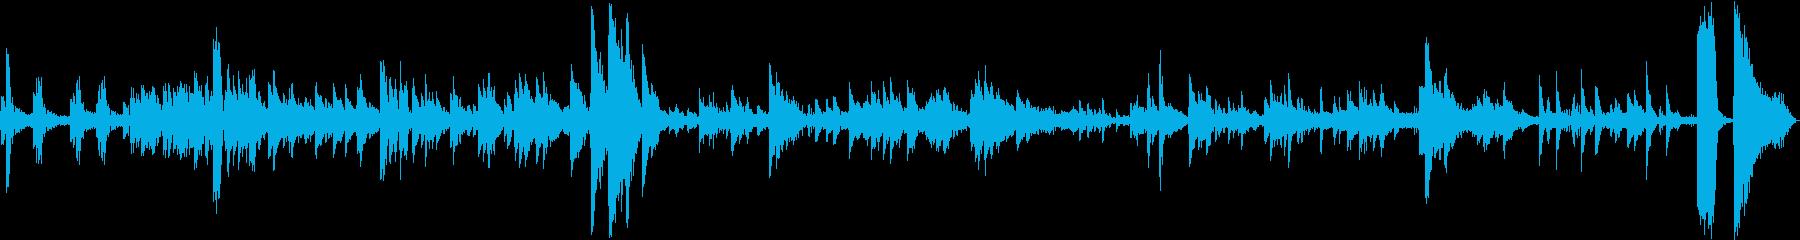 狂ったピアノのホラーの再生済みの波形